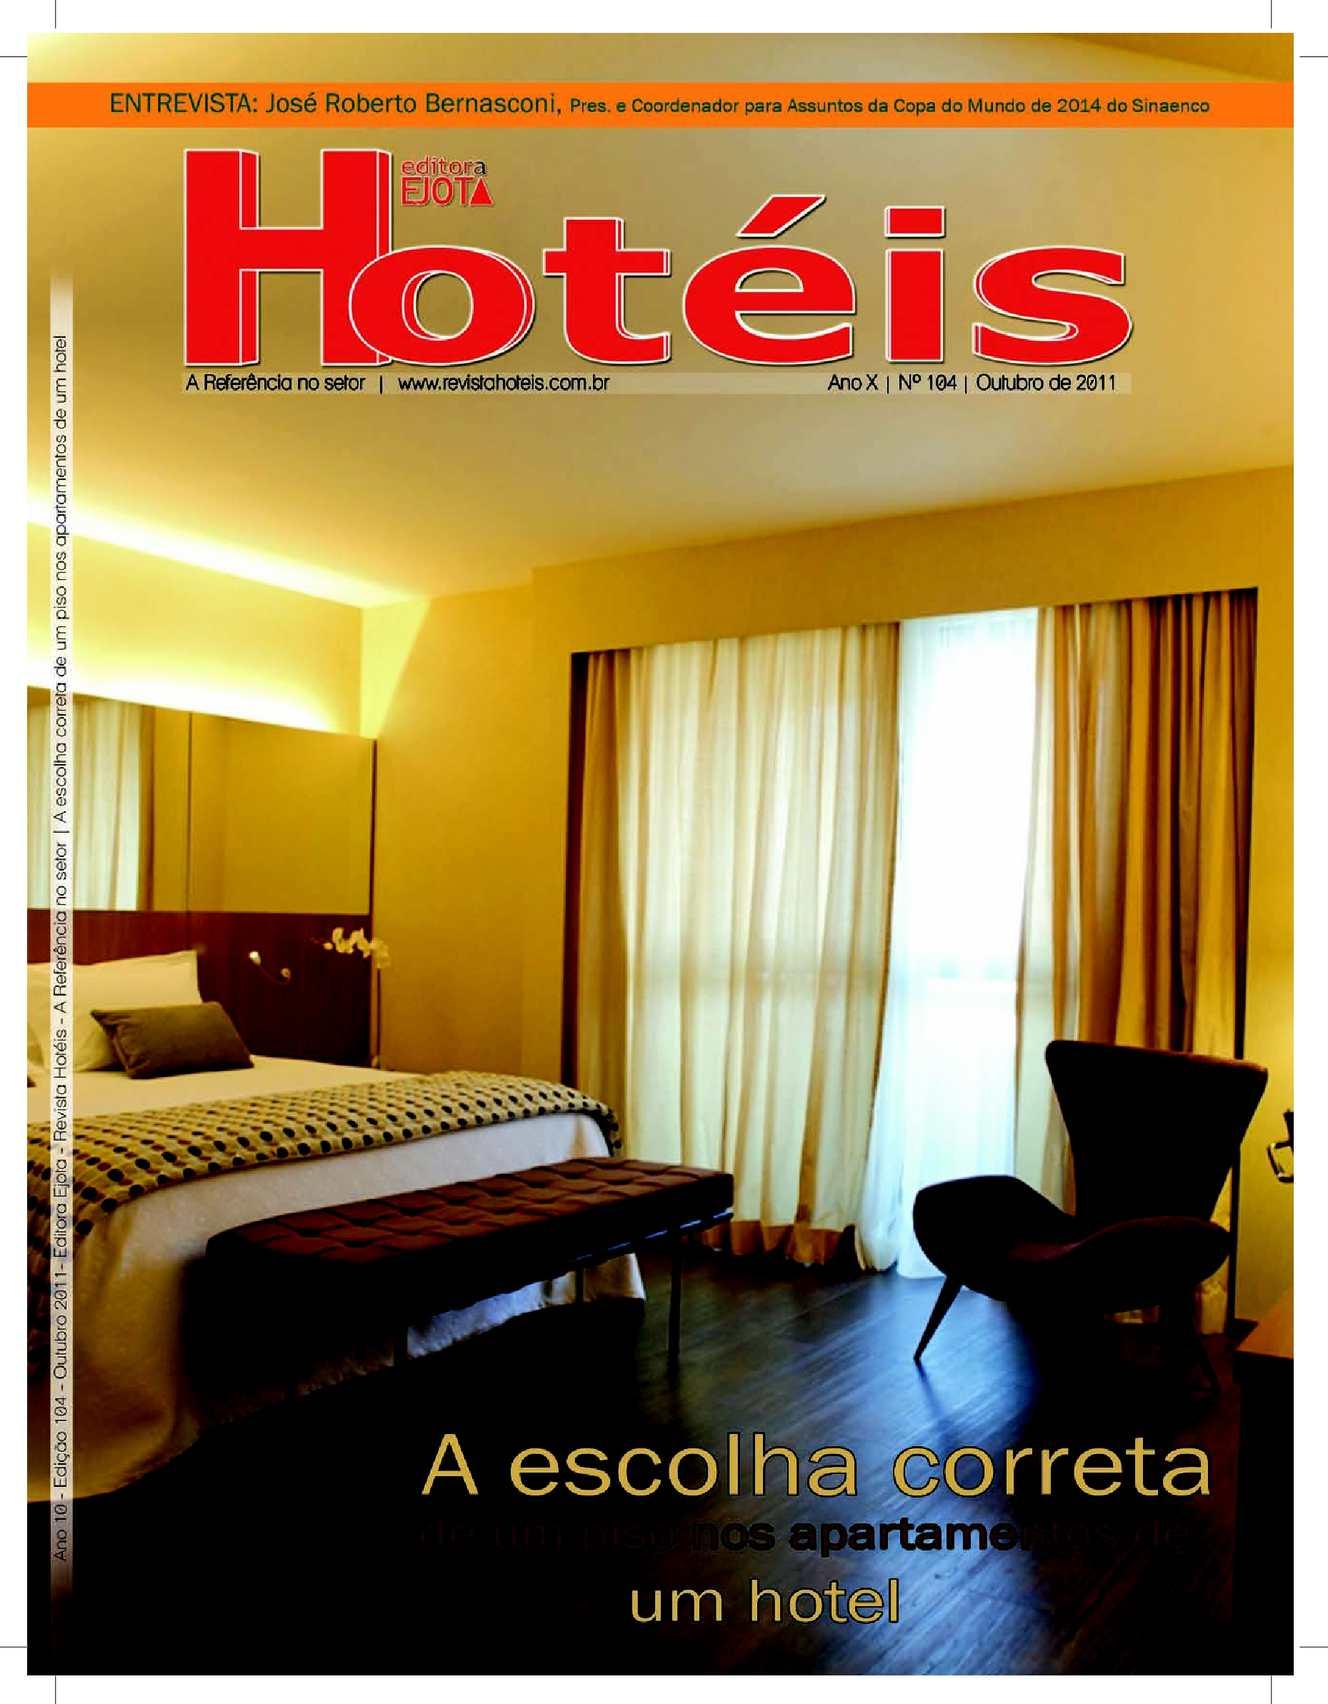 07c95bd4ed Calaméo - Revista Hotéis edição 104